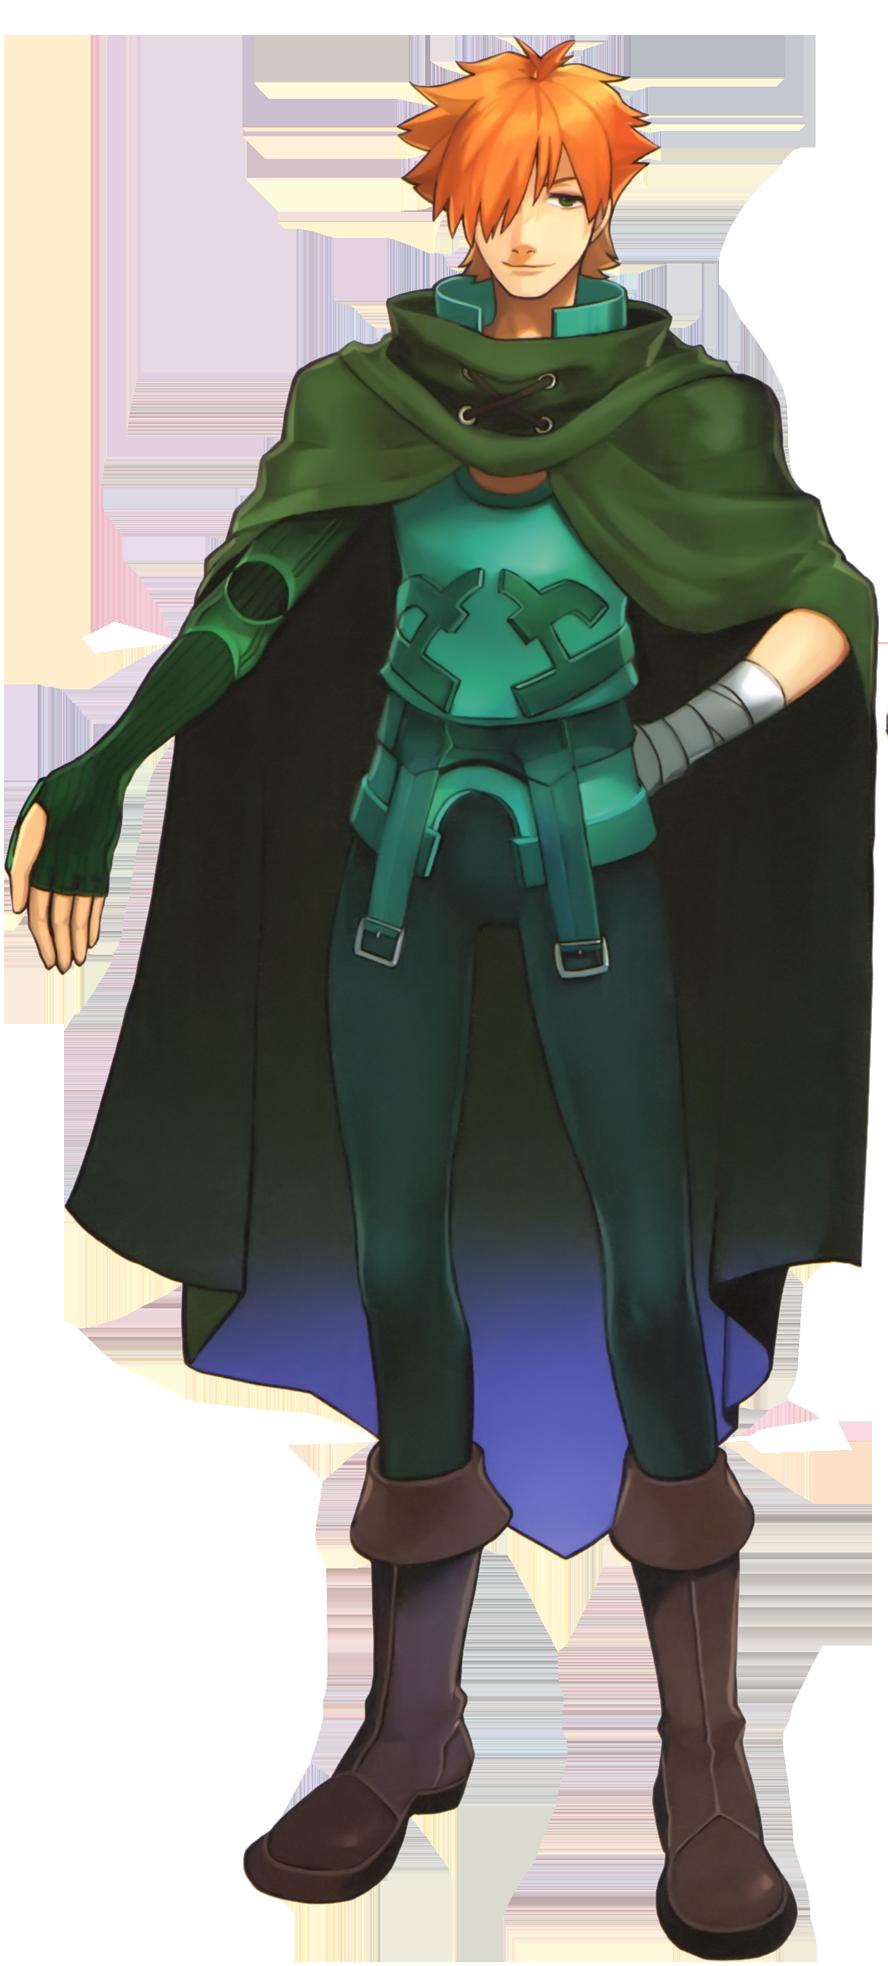 Archer (Fate/Extra) | TYPE-MOON Wiki | FANDOM powered by Wikia